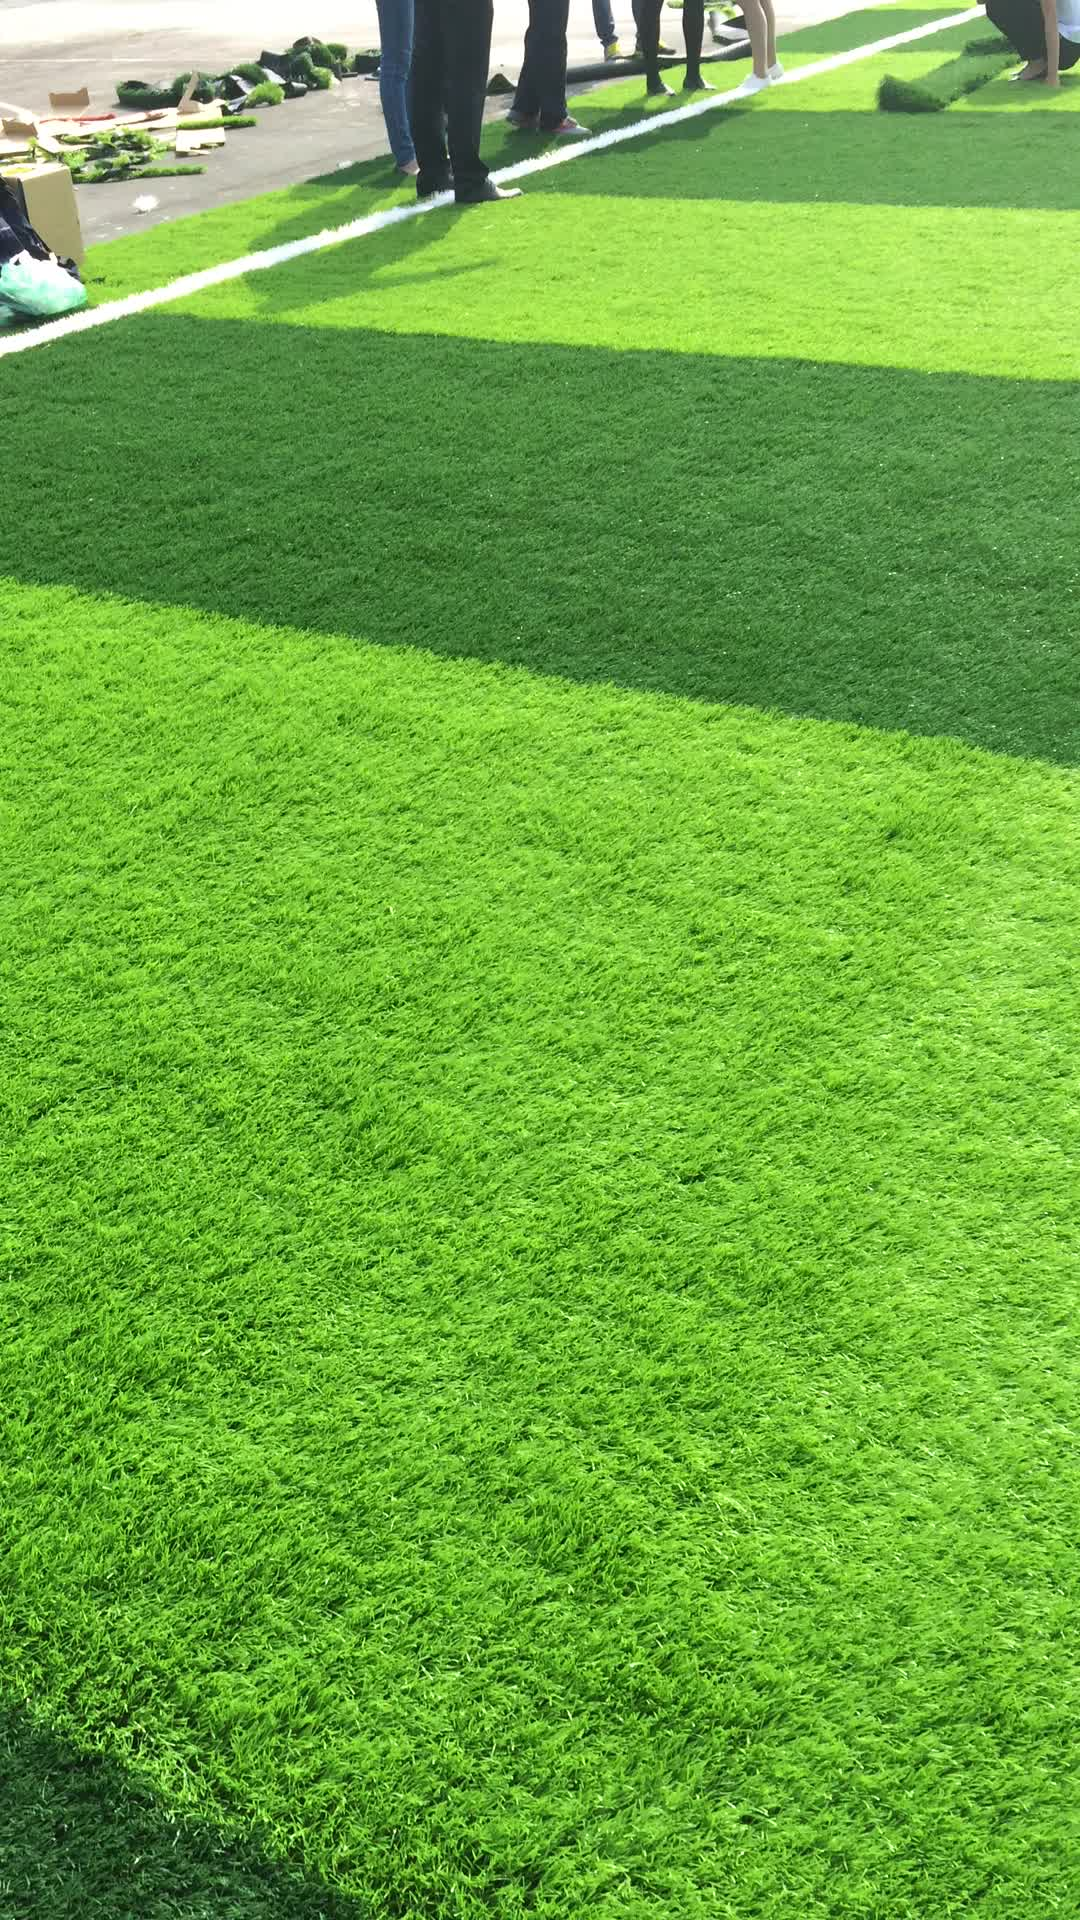 soccer field grass. 2018 12000dtex New Mini Football R Synthetic Artificial Soccer Field Grass For Fields